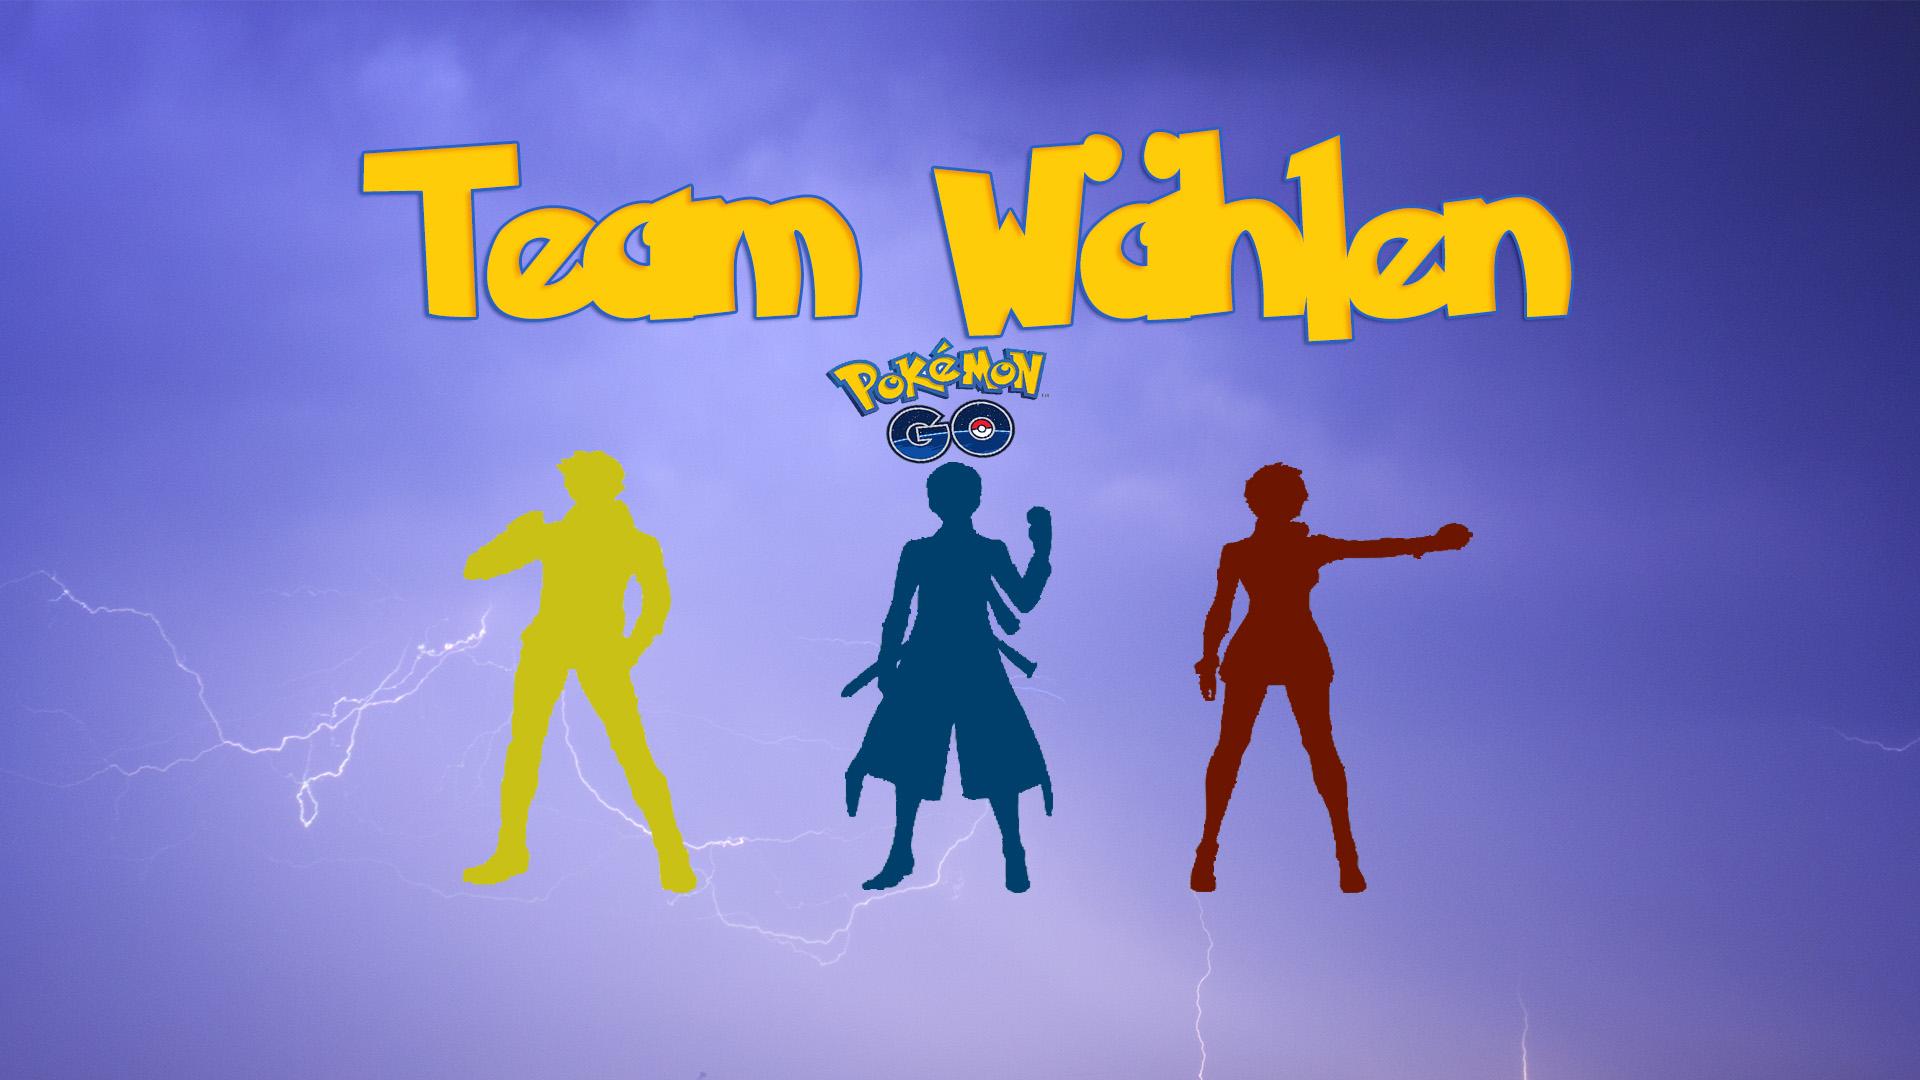 Pokemon-Go Team wählen2